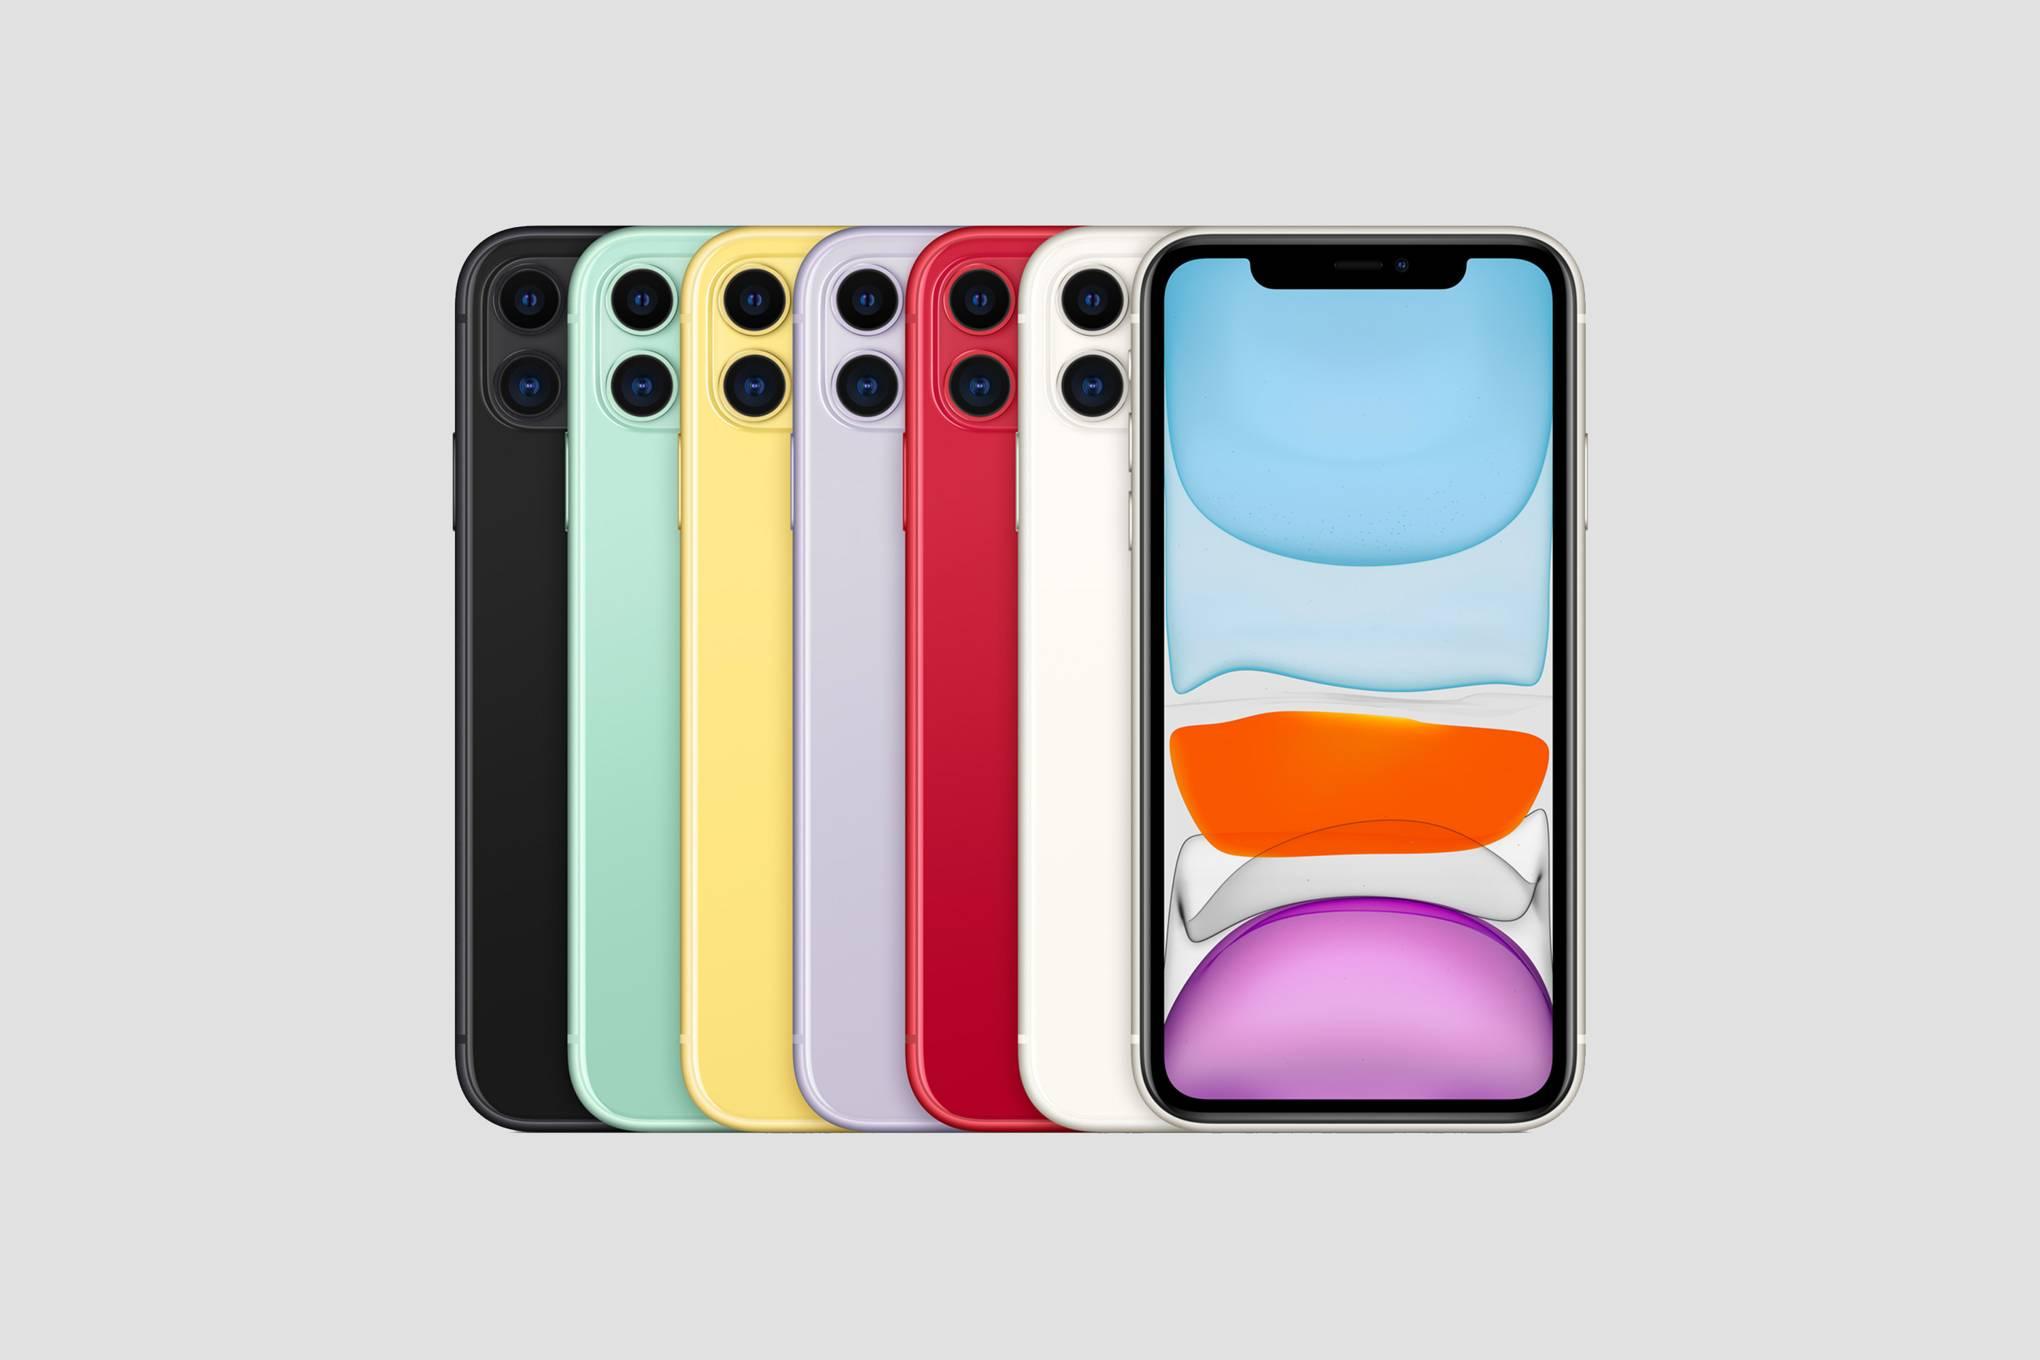 تایید وجود مشکل صفحه نمایش در آیفون 11 از سوی اپل